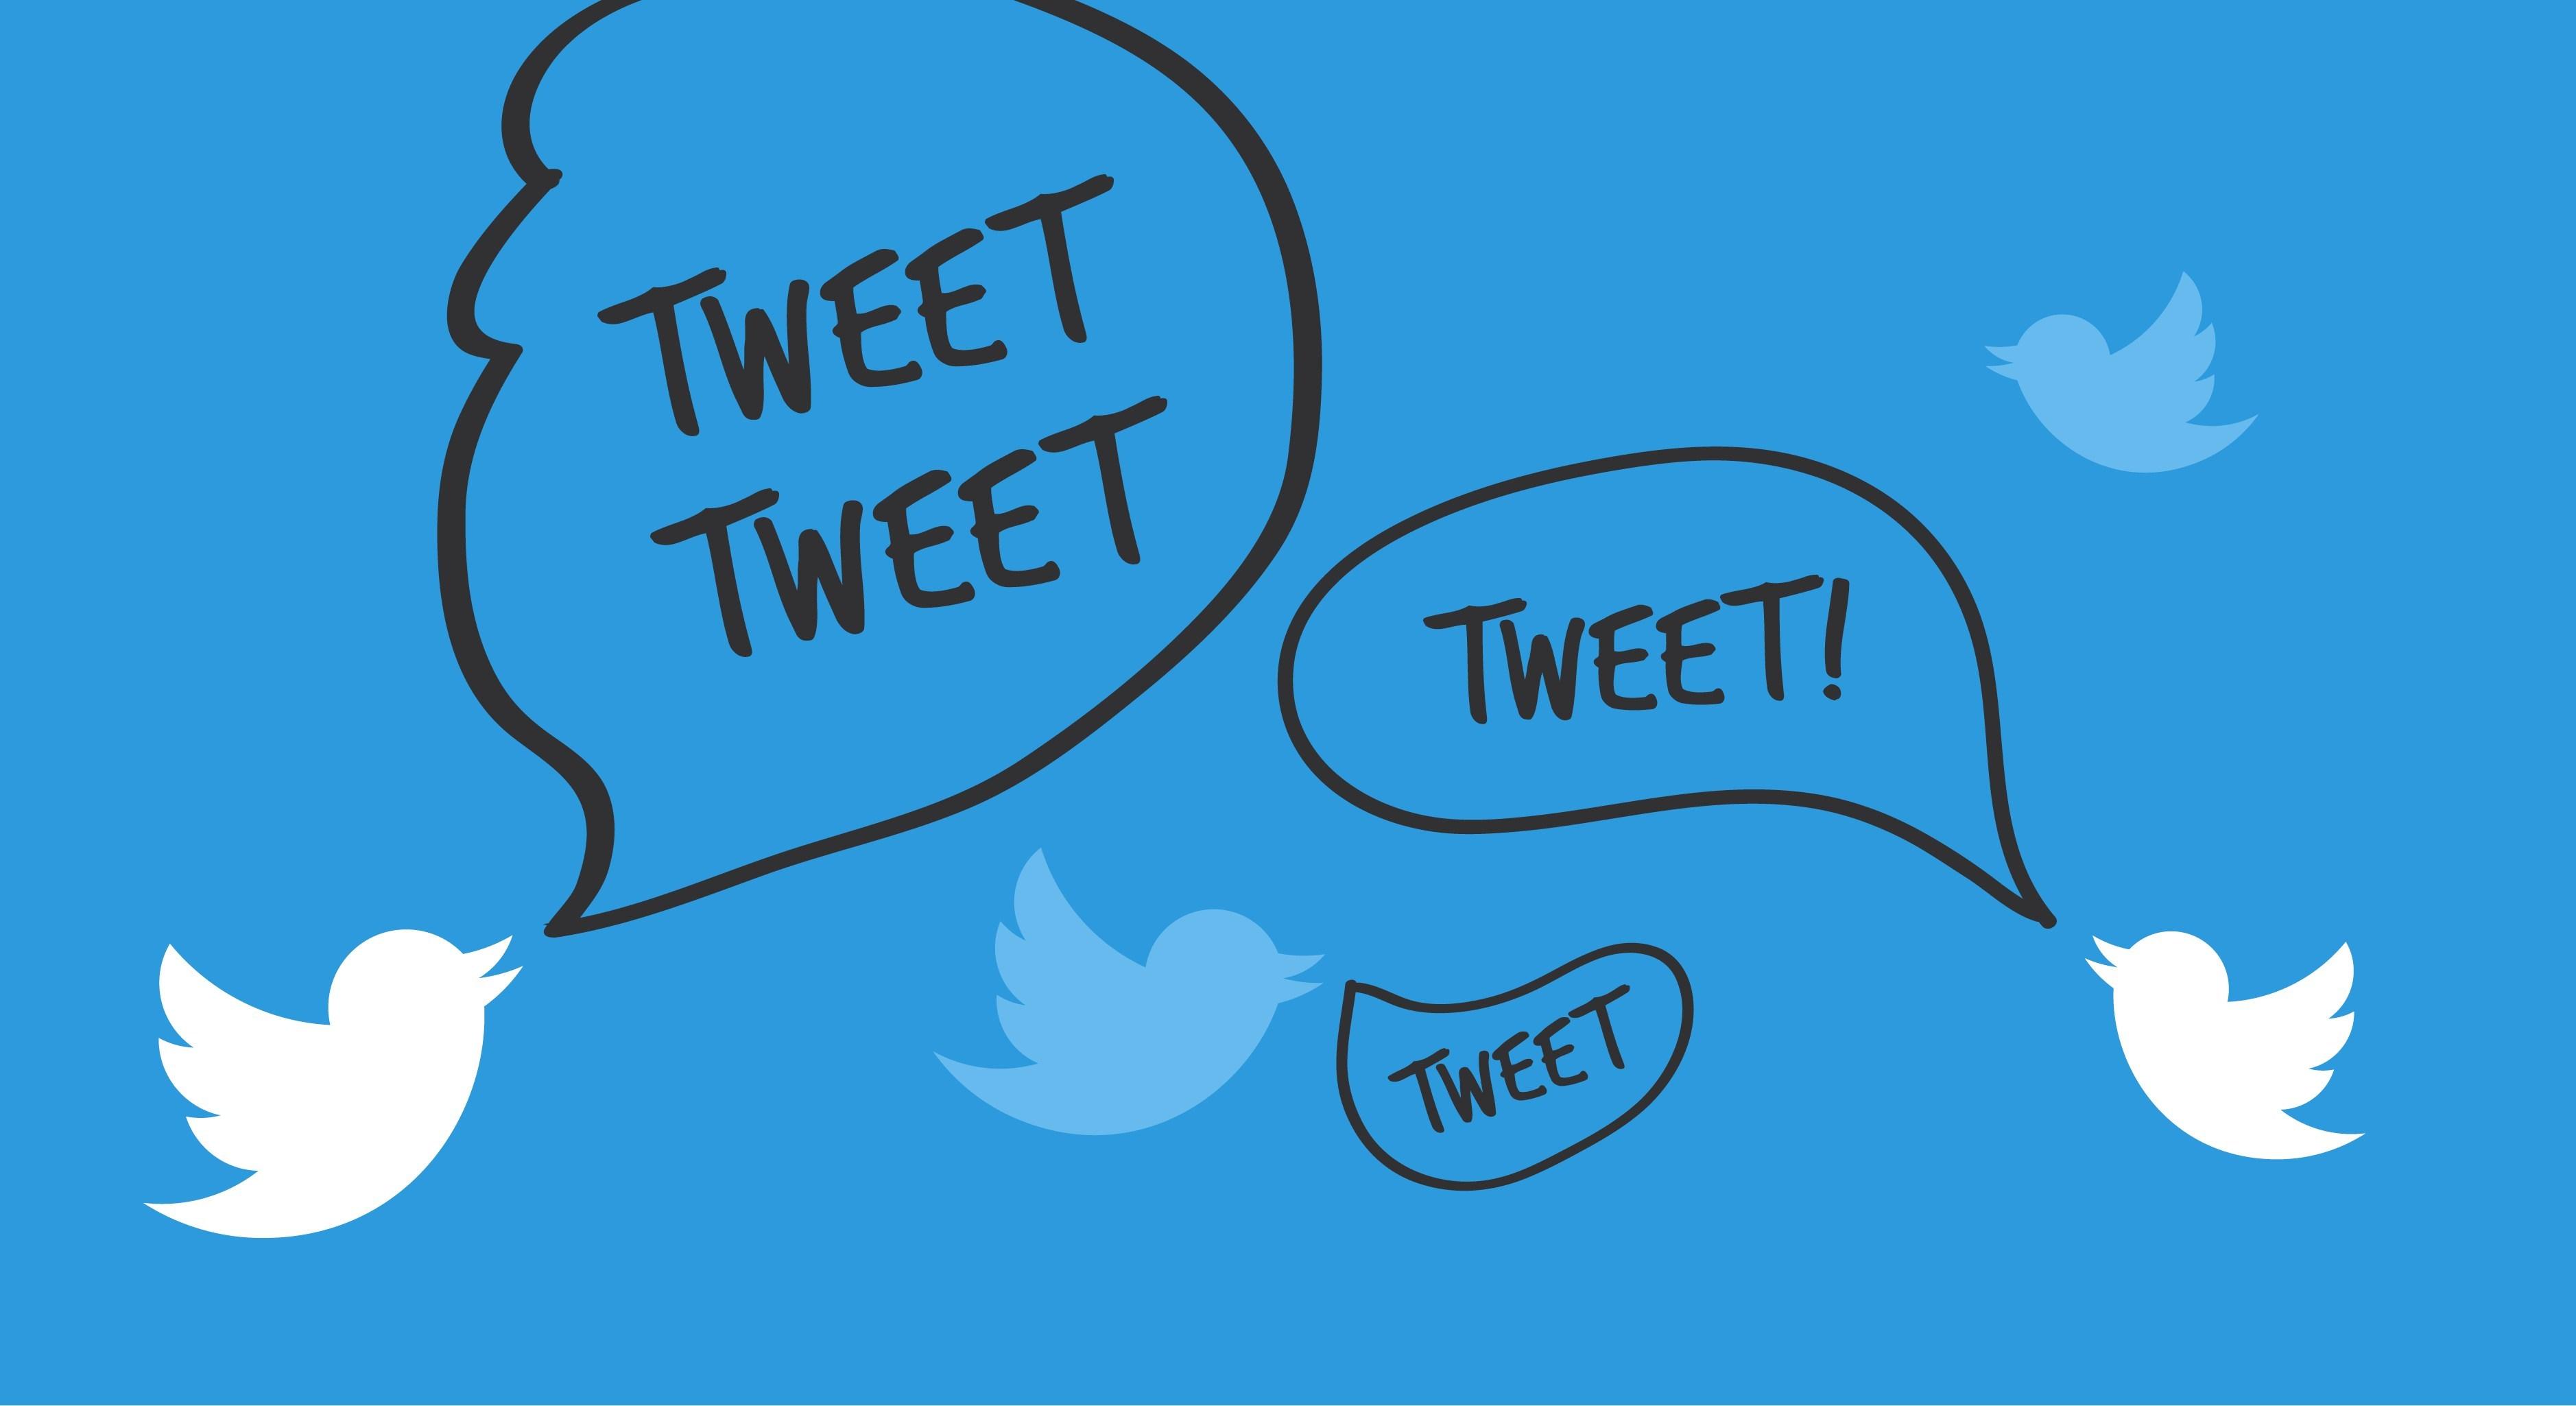 تغريدات جميلة تويتر , تغريدات جميلة وقصيرة لتويتر , اروع تغريدات